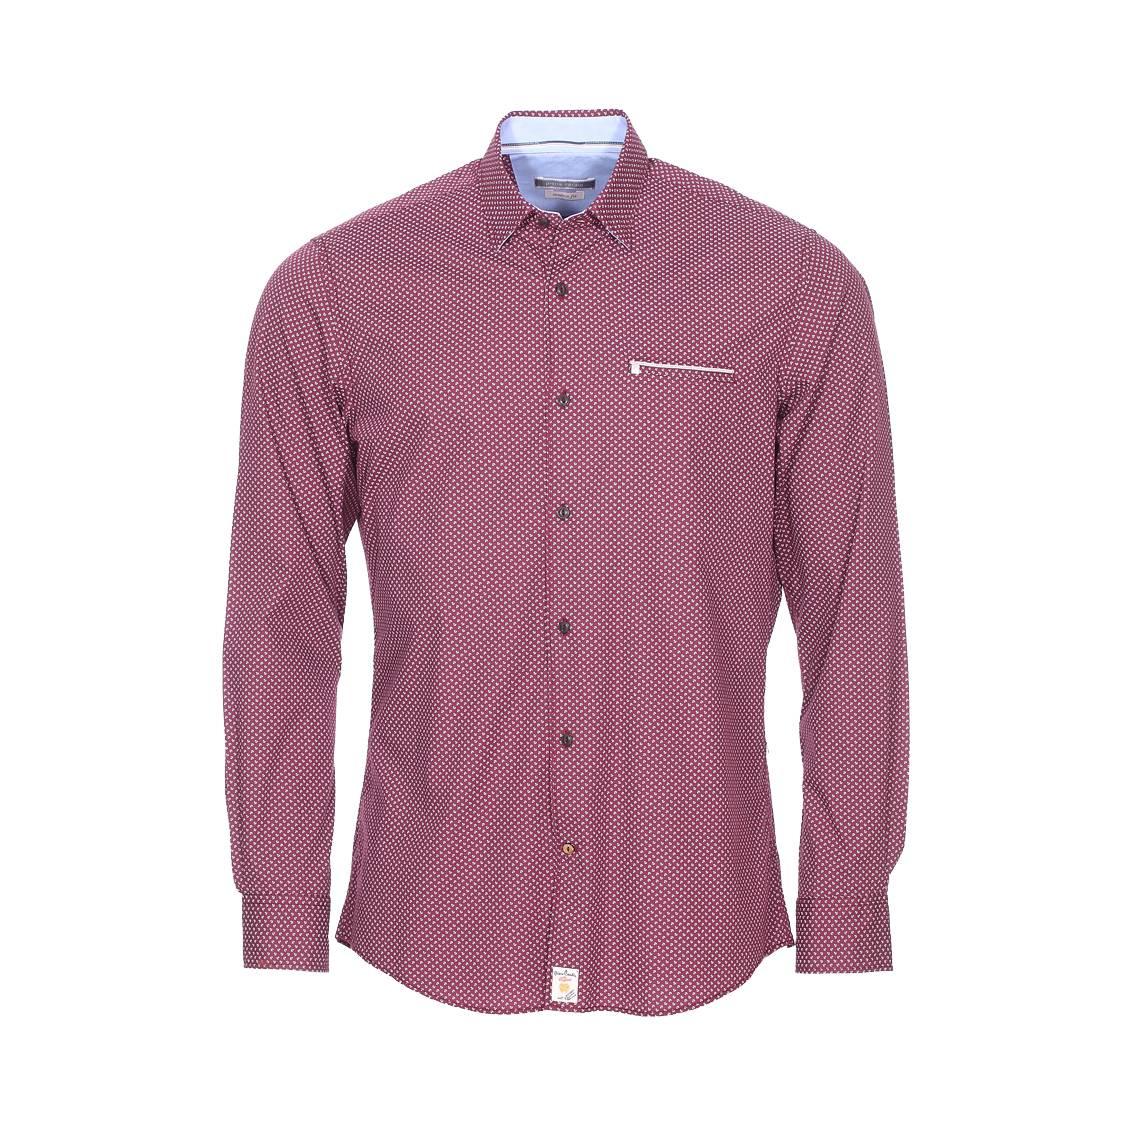 Chemise ajustée  en coton bordeaux à motifs blancs